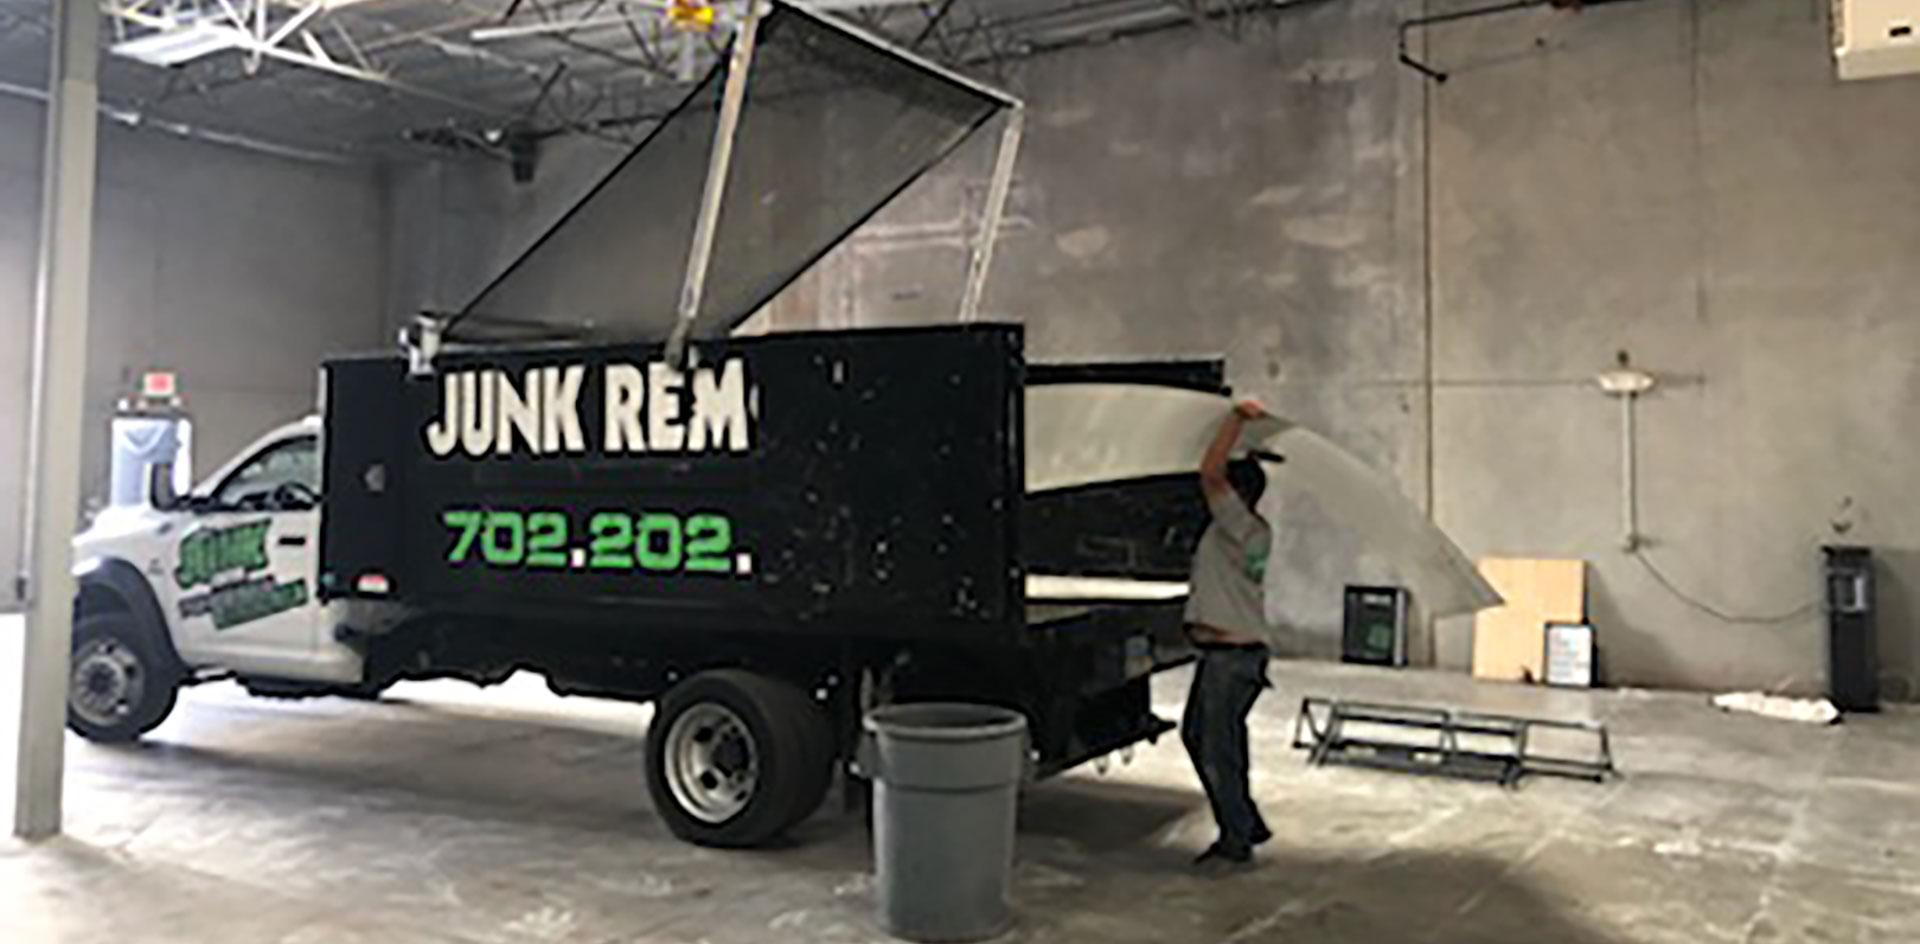 Junk Removal In Inspirada: Junk Control LV | Junk Control